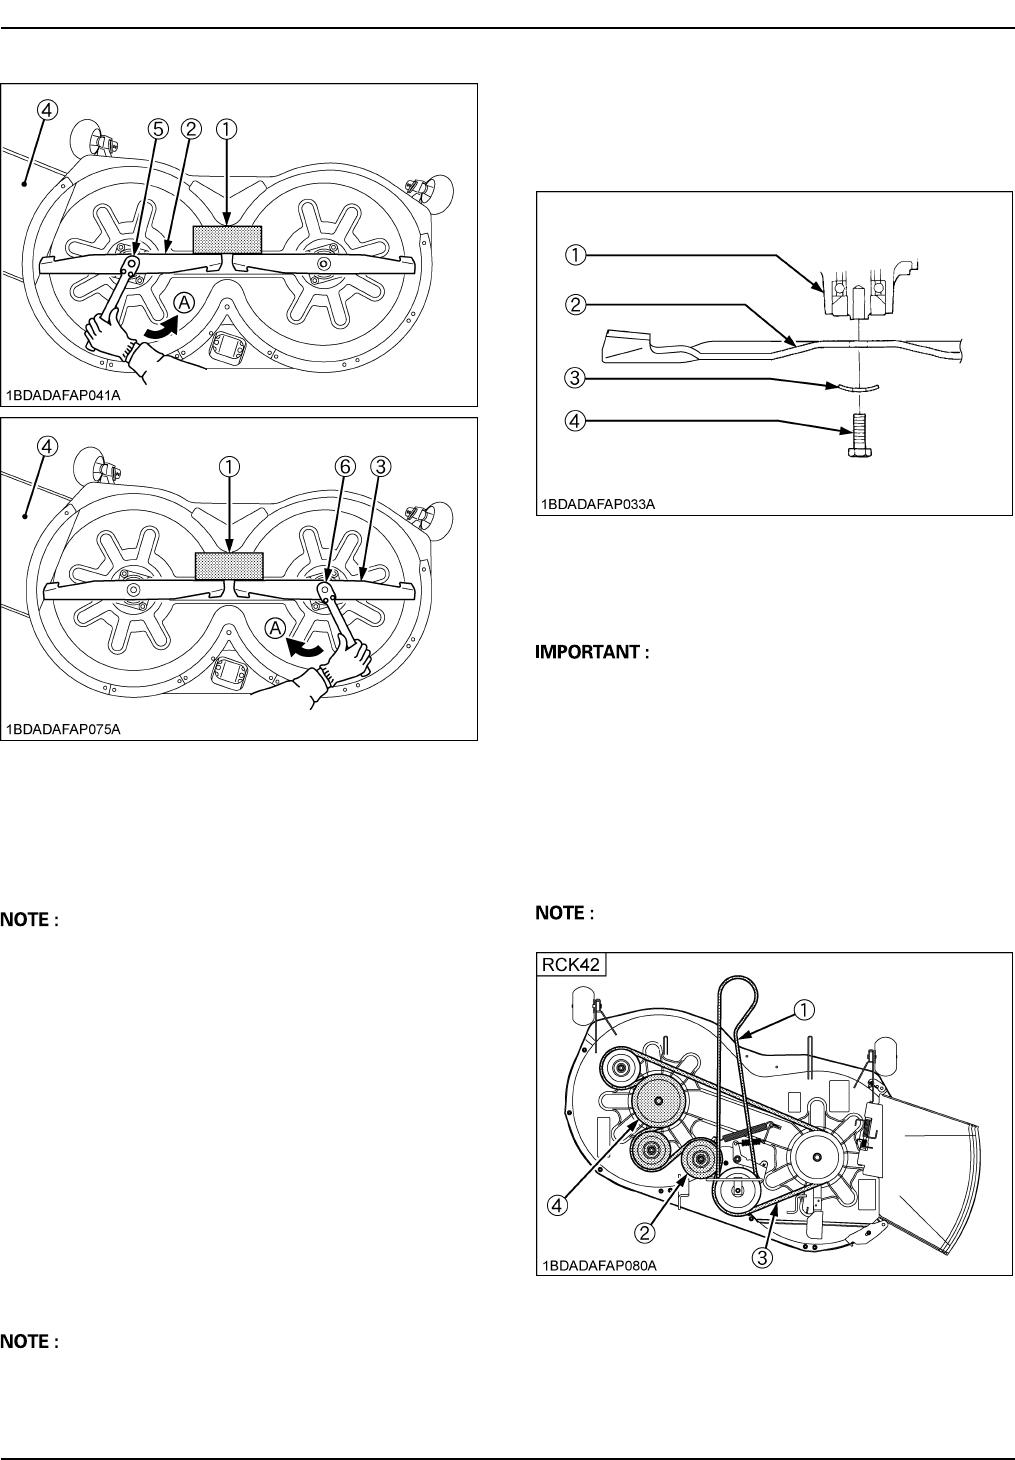 Peachy Handleiding Kubota T1880 Pagina 67 Van 78 English Wiring Cloud Hisonuggs Outletorg